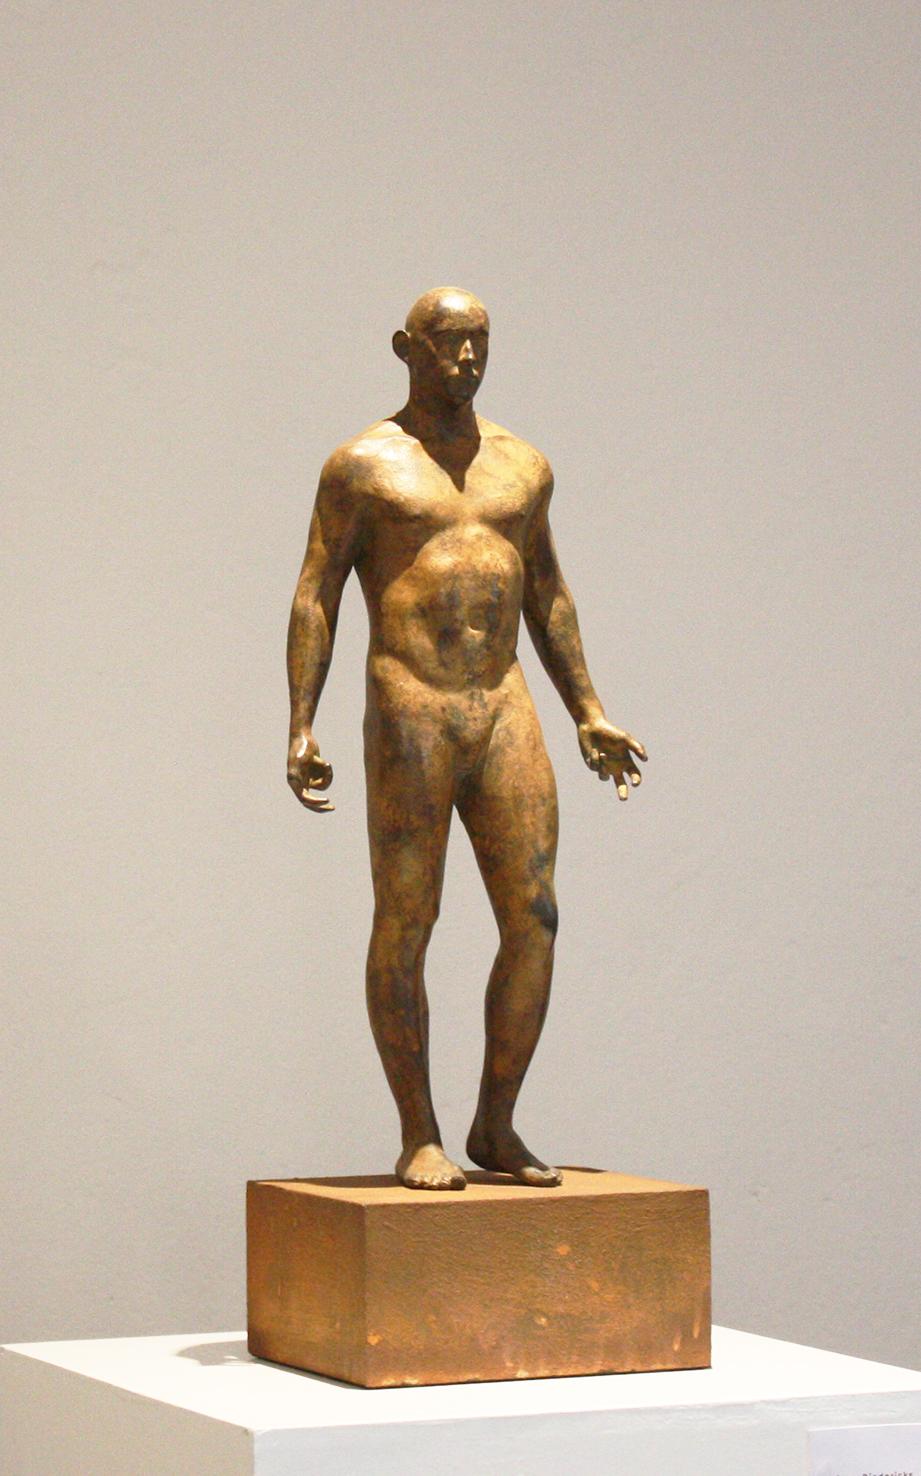 Adriaan Diedericks  Innate II  Bronze, ed/12  50 x 20 x 10 cm